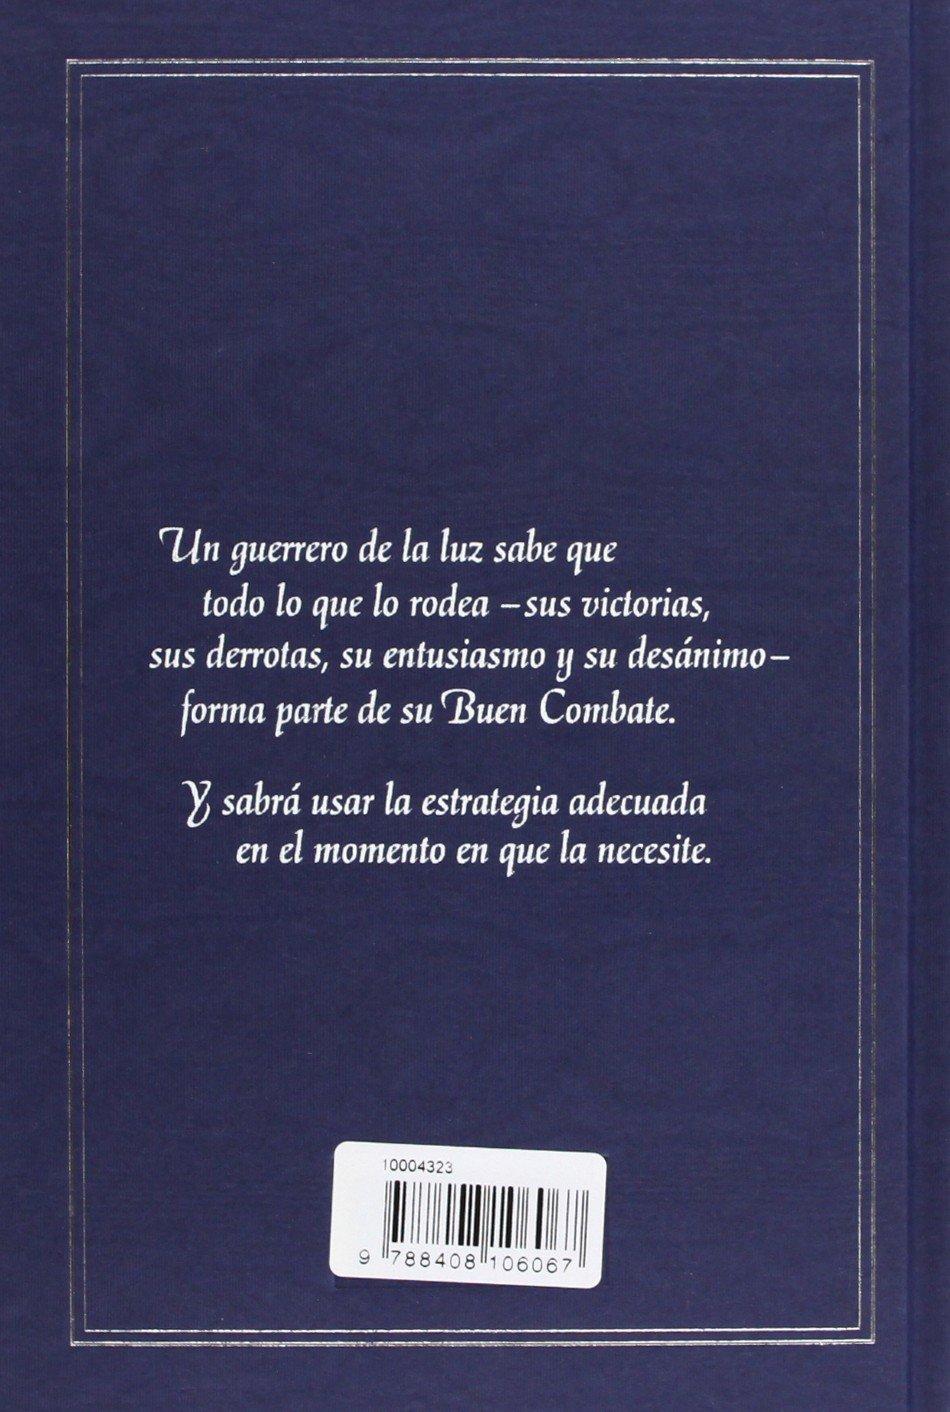 Manual del guerrero de la luz ed. conmemorativa Biblioteca Paulo Coelho:  Amazon.es: Paulo Coelho, Montserrat Mira: Libros